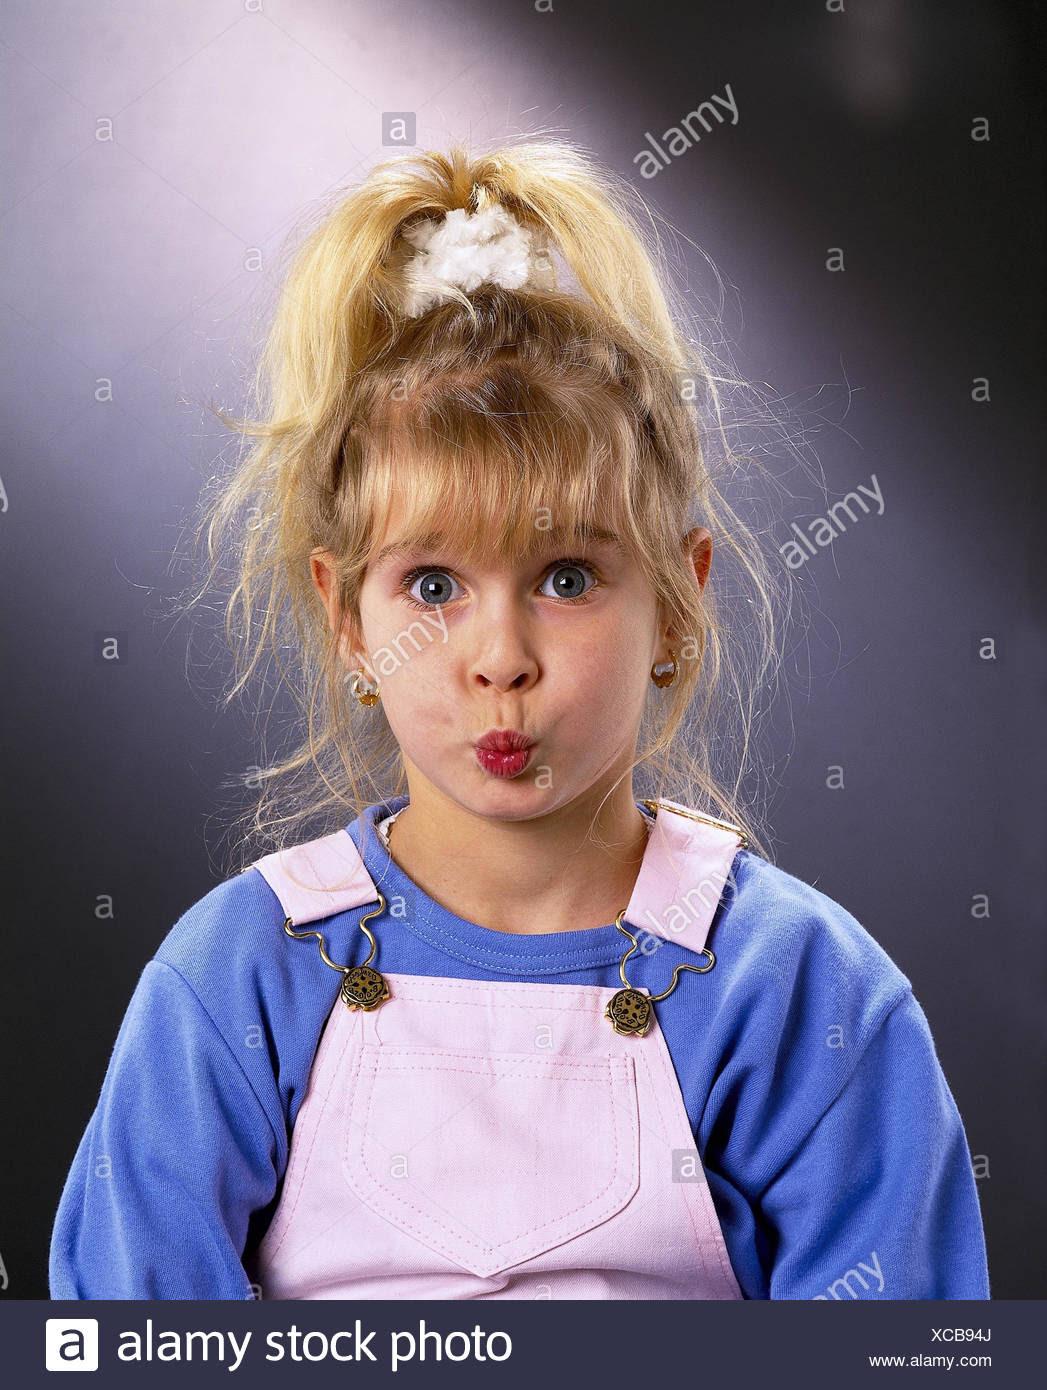 Haar Frisuren Für Kinder Mädchen Yskgjtcom